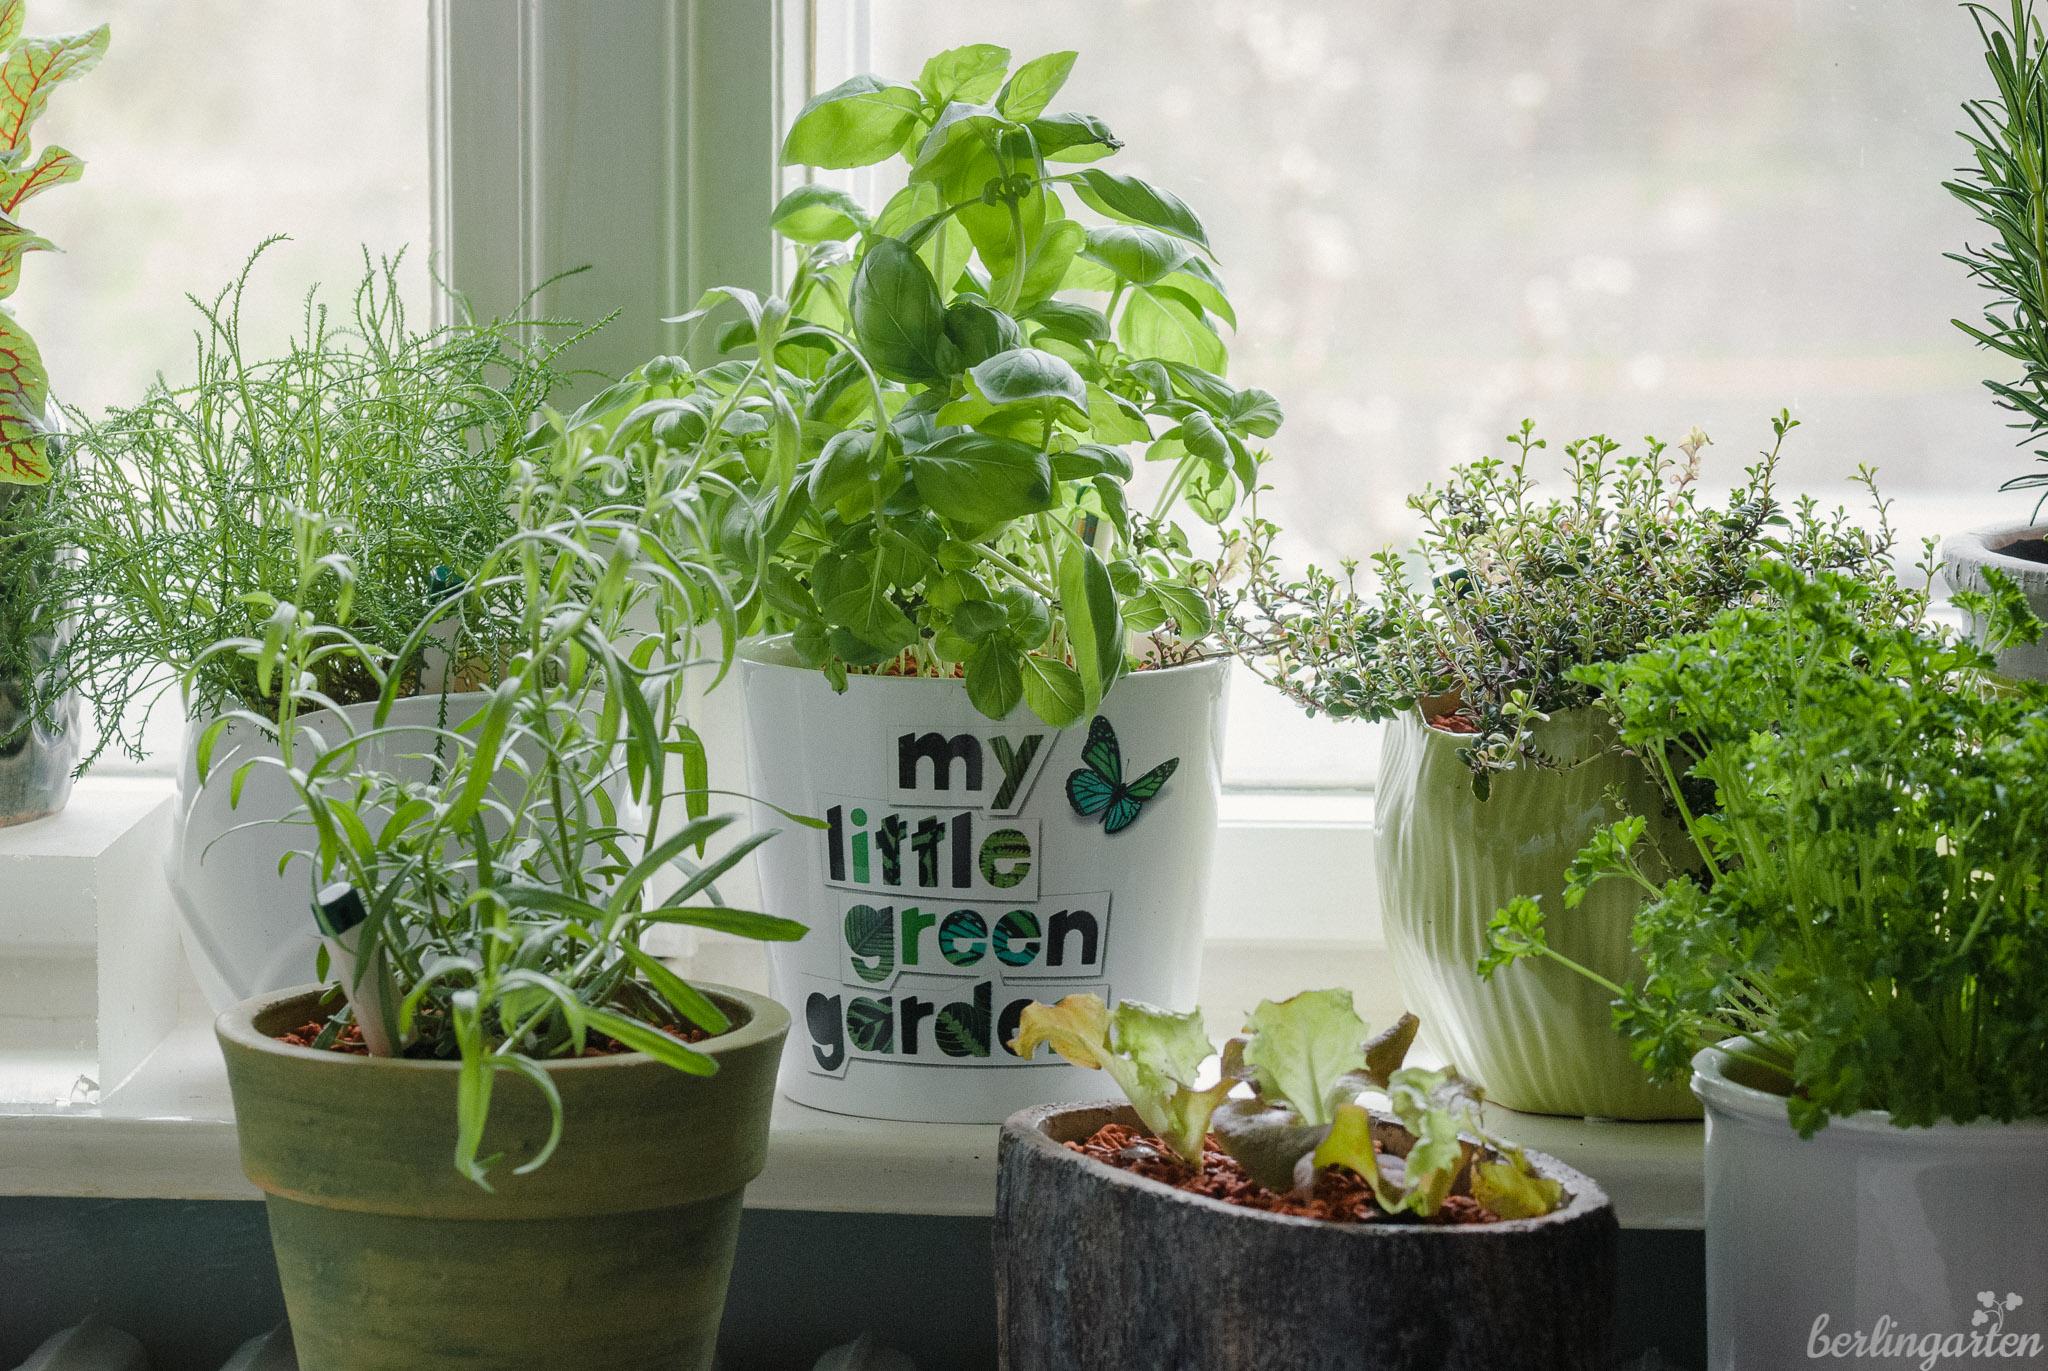 Indoor Farming zu Hause: Kräuter dauerhaft kultivieren, statt ewig neu kaufen